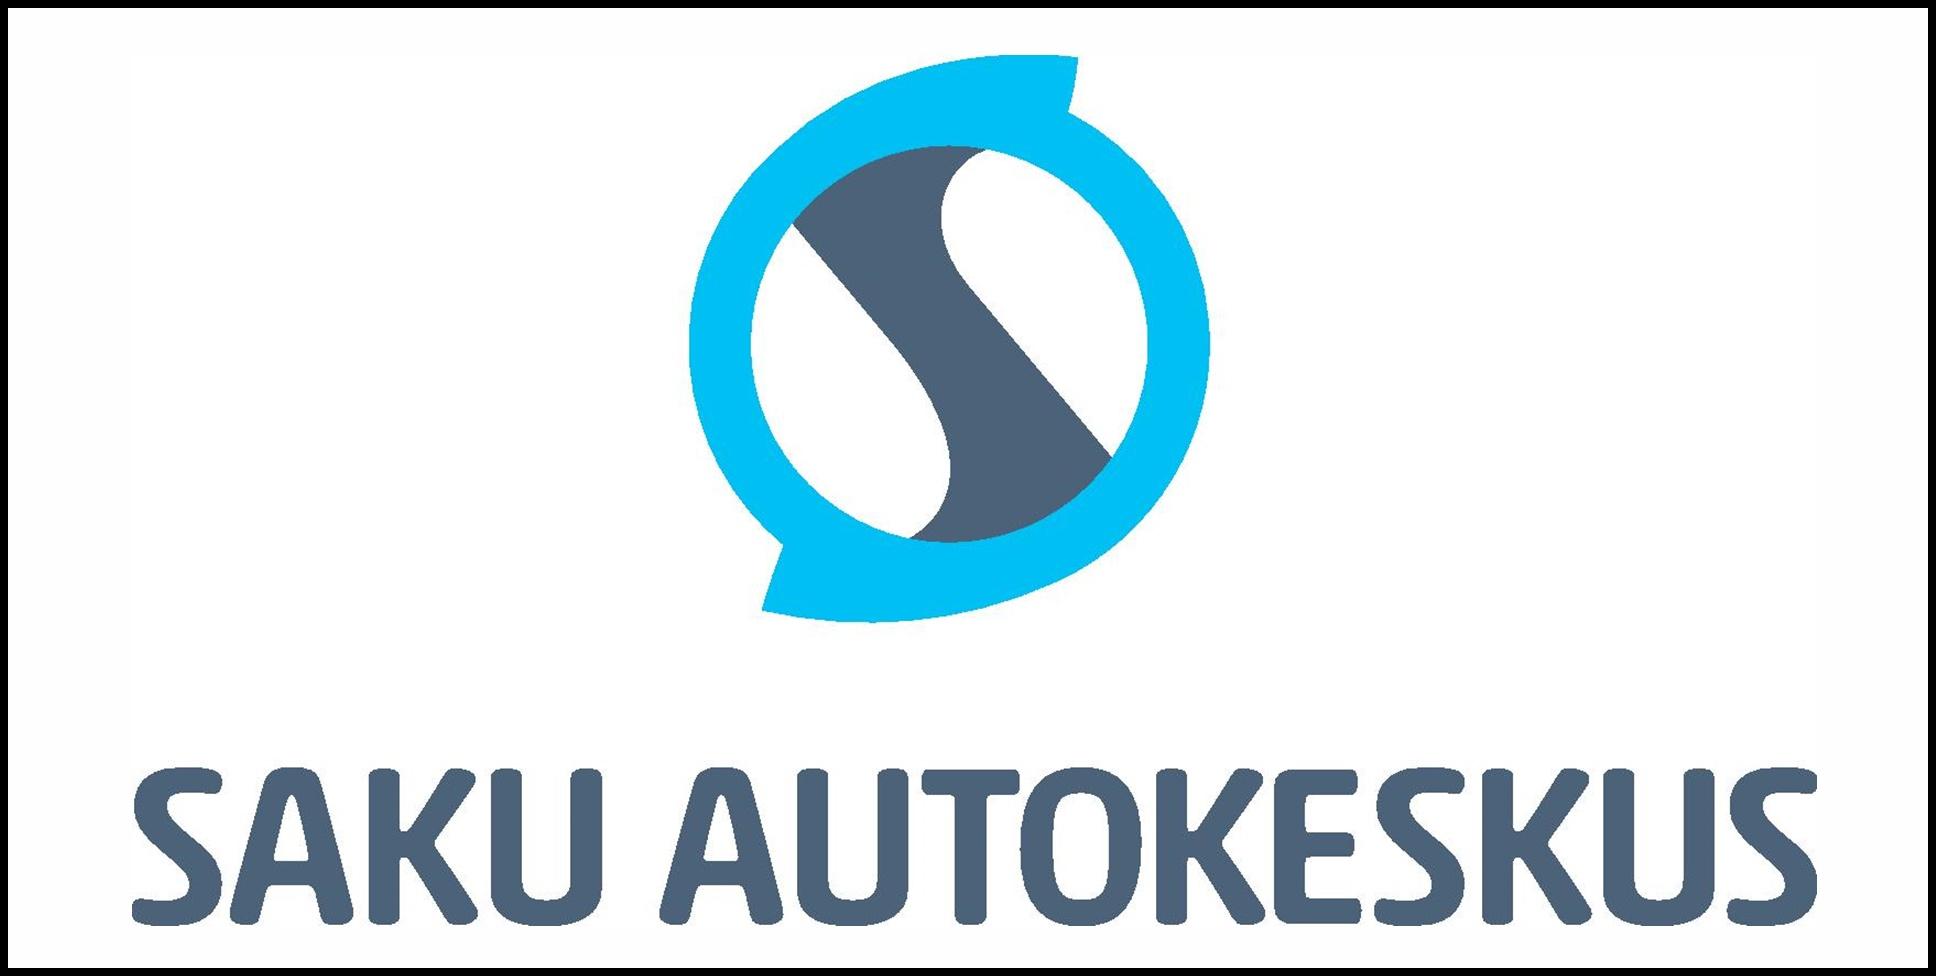 Saku Autokeskus